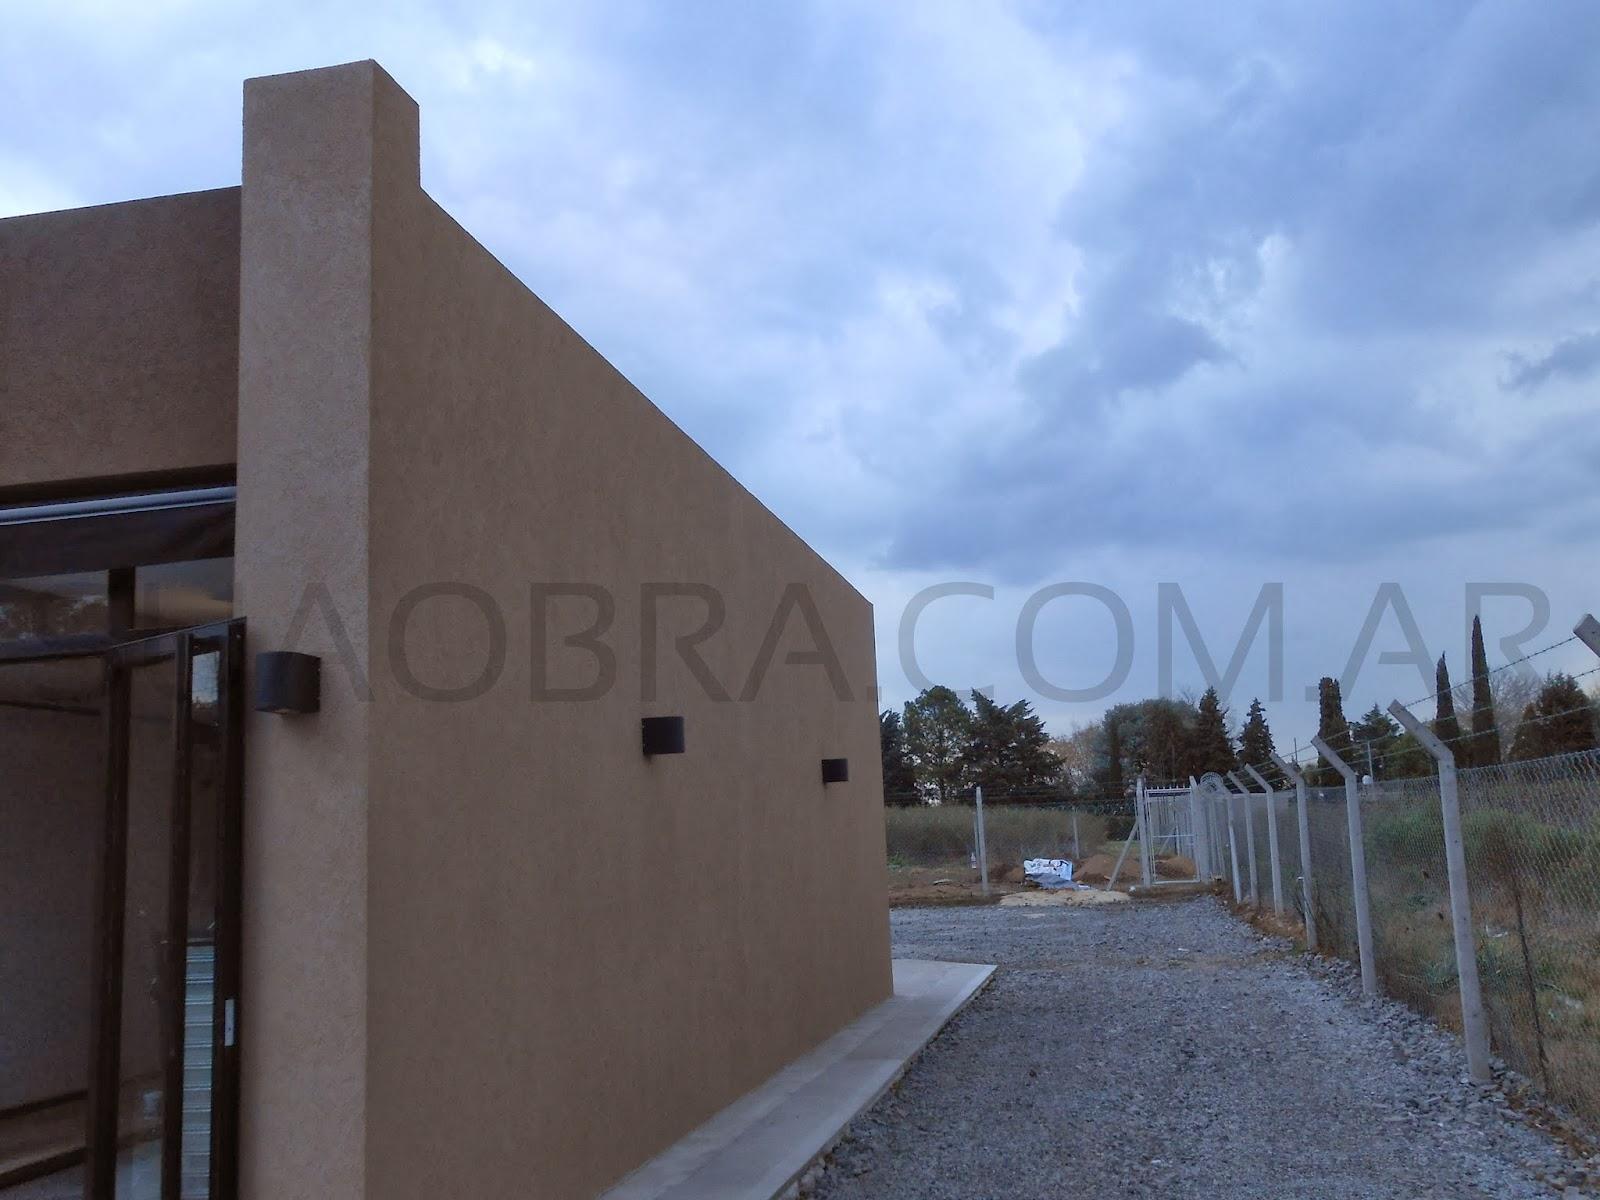 M s de 1000 ideas sobre revestimiento pared exterior en - Revestimiento paredes exterior ...